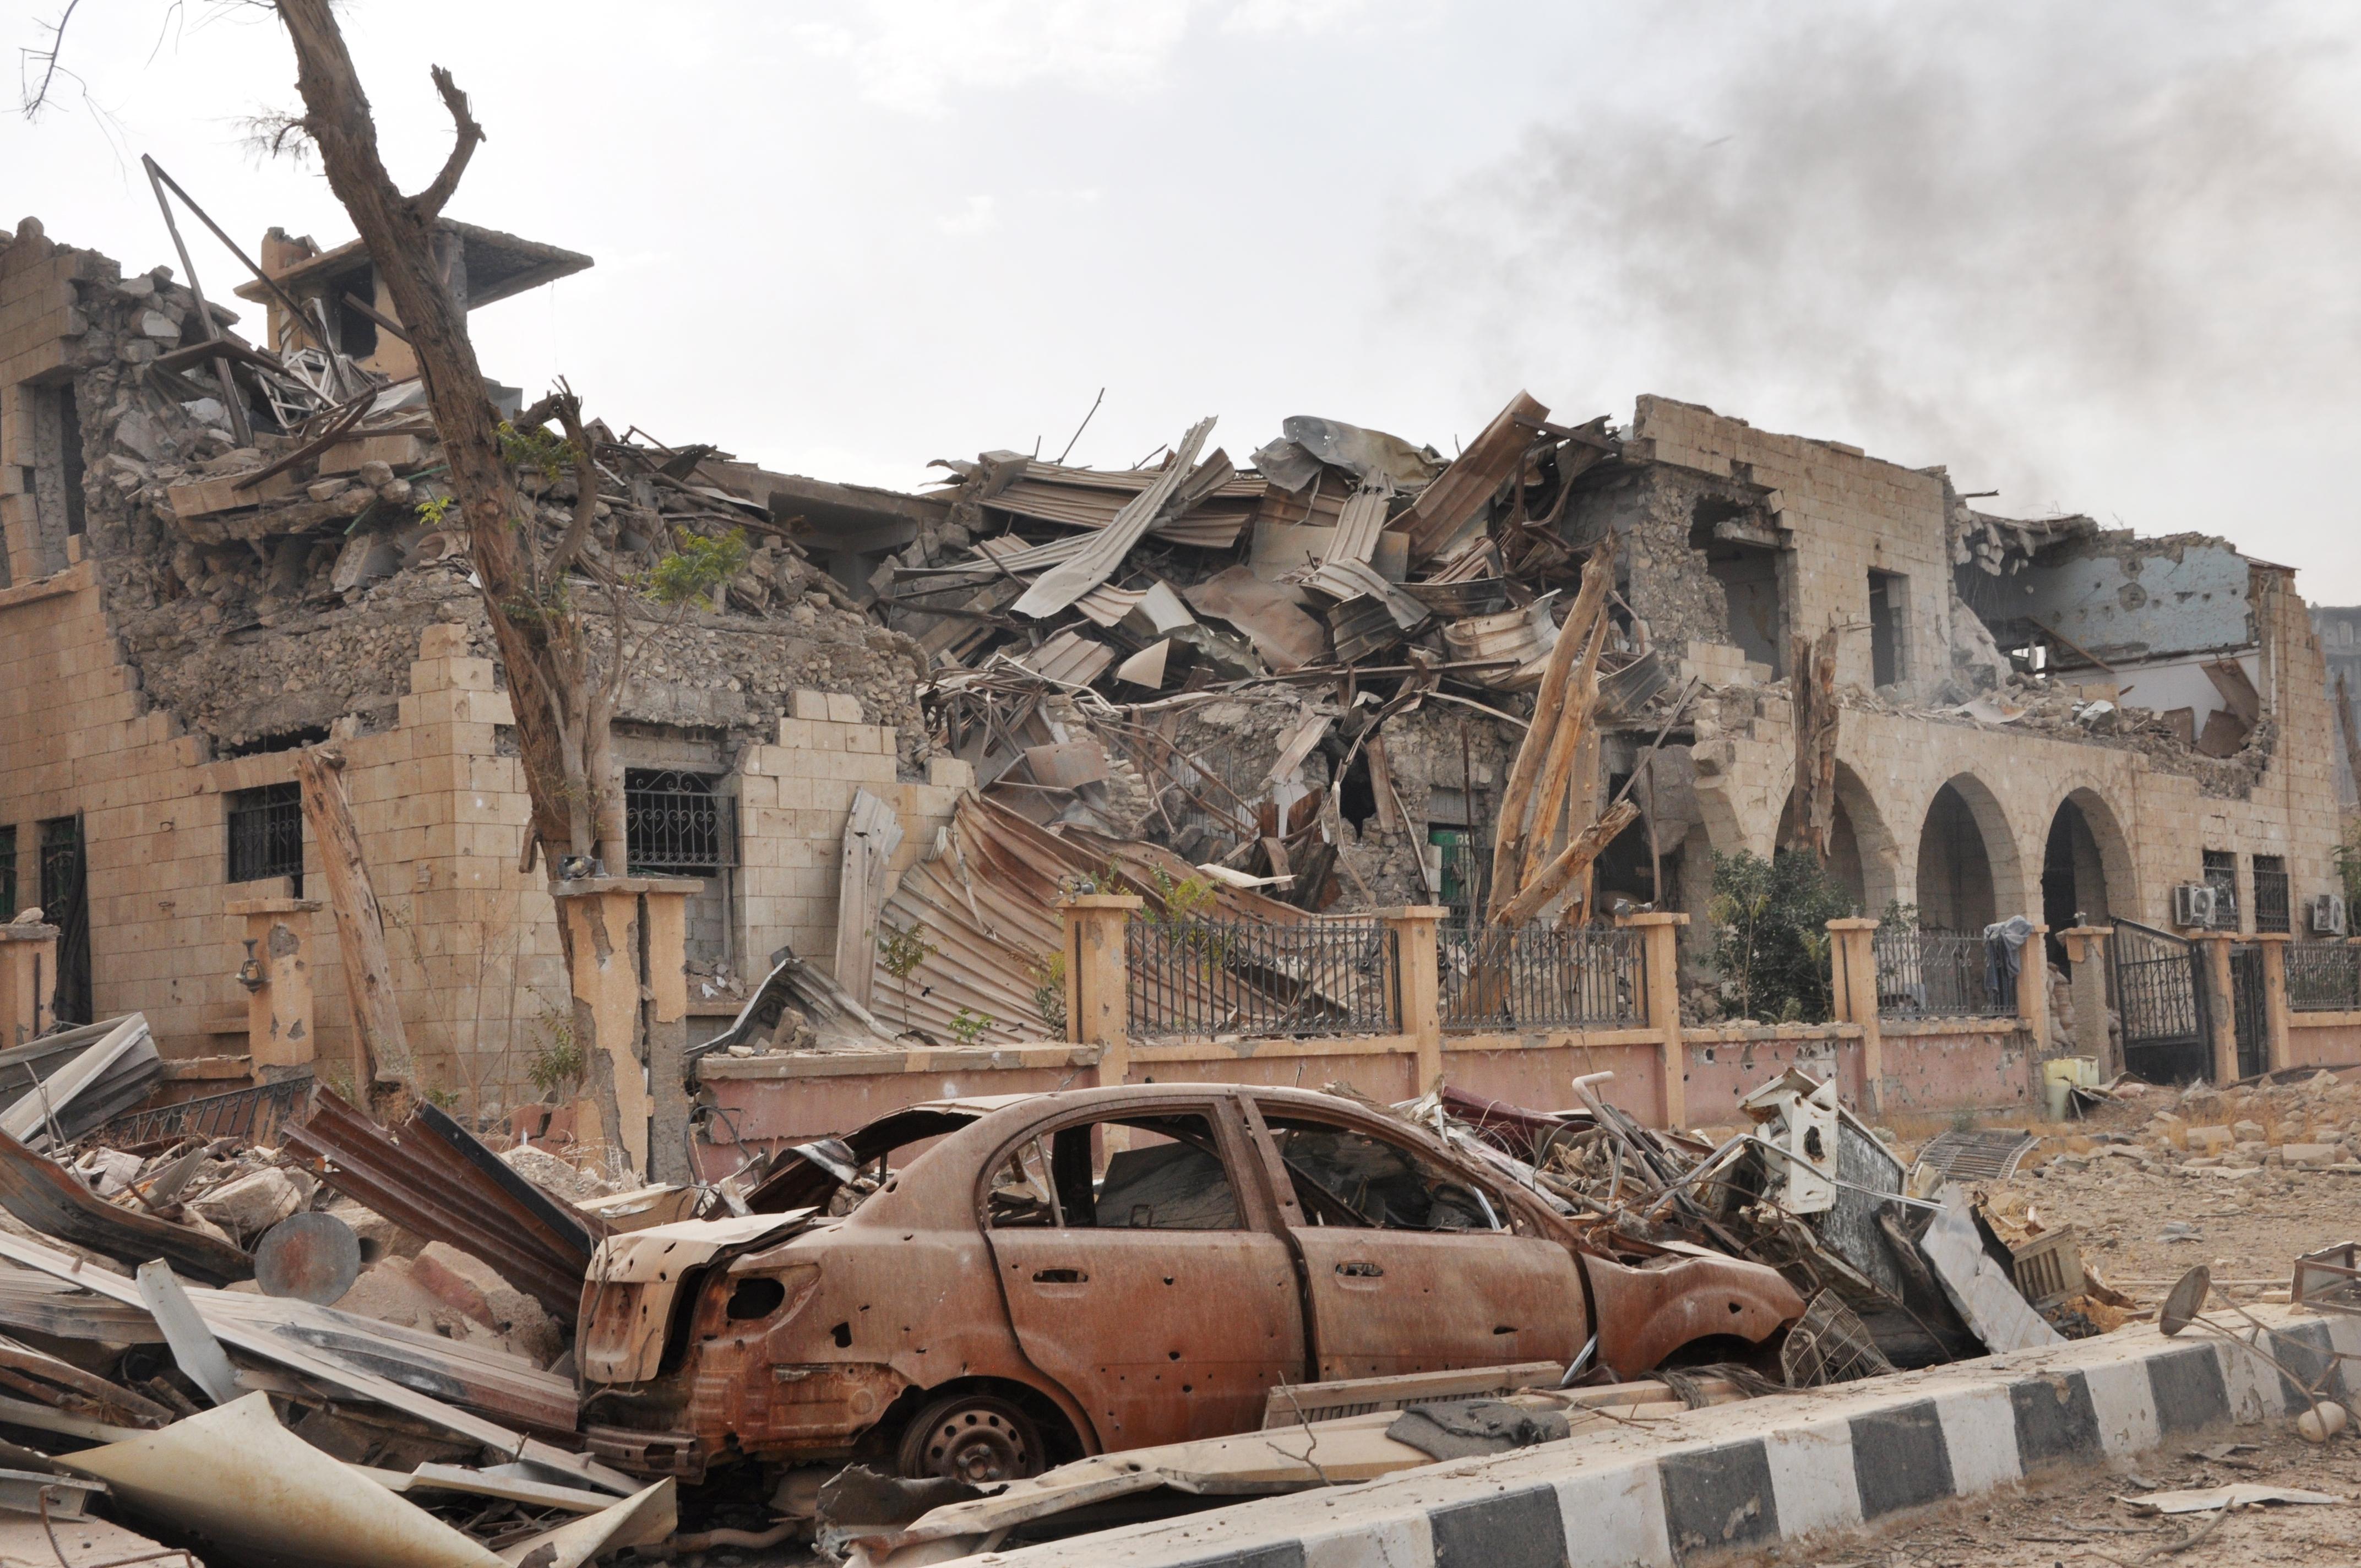 صورة تظهر حجم الأضرار في دير الزور